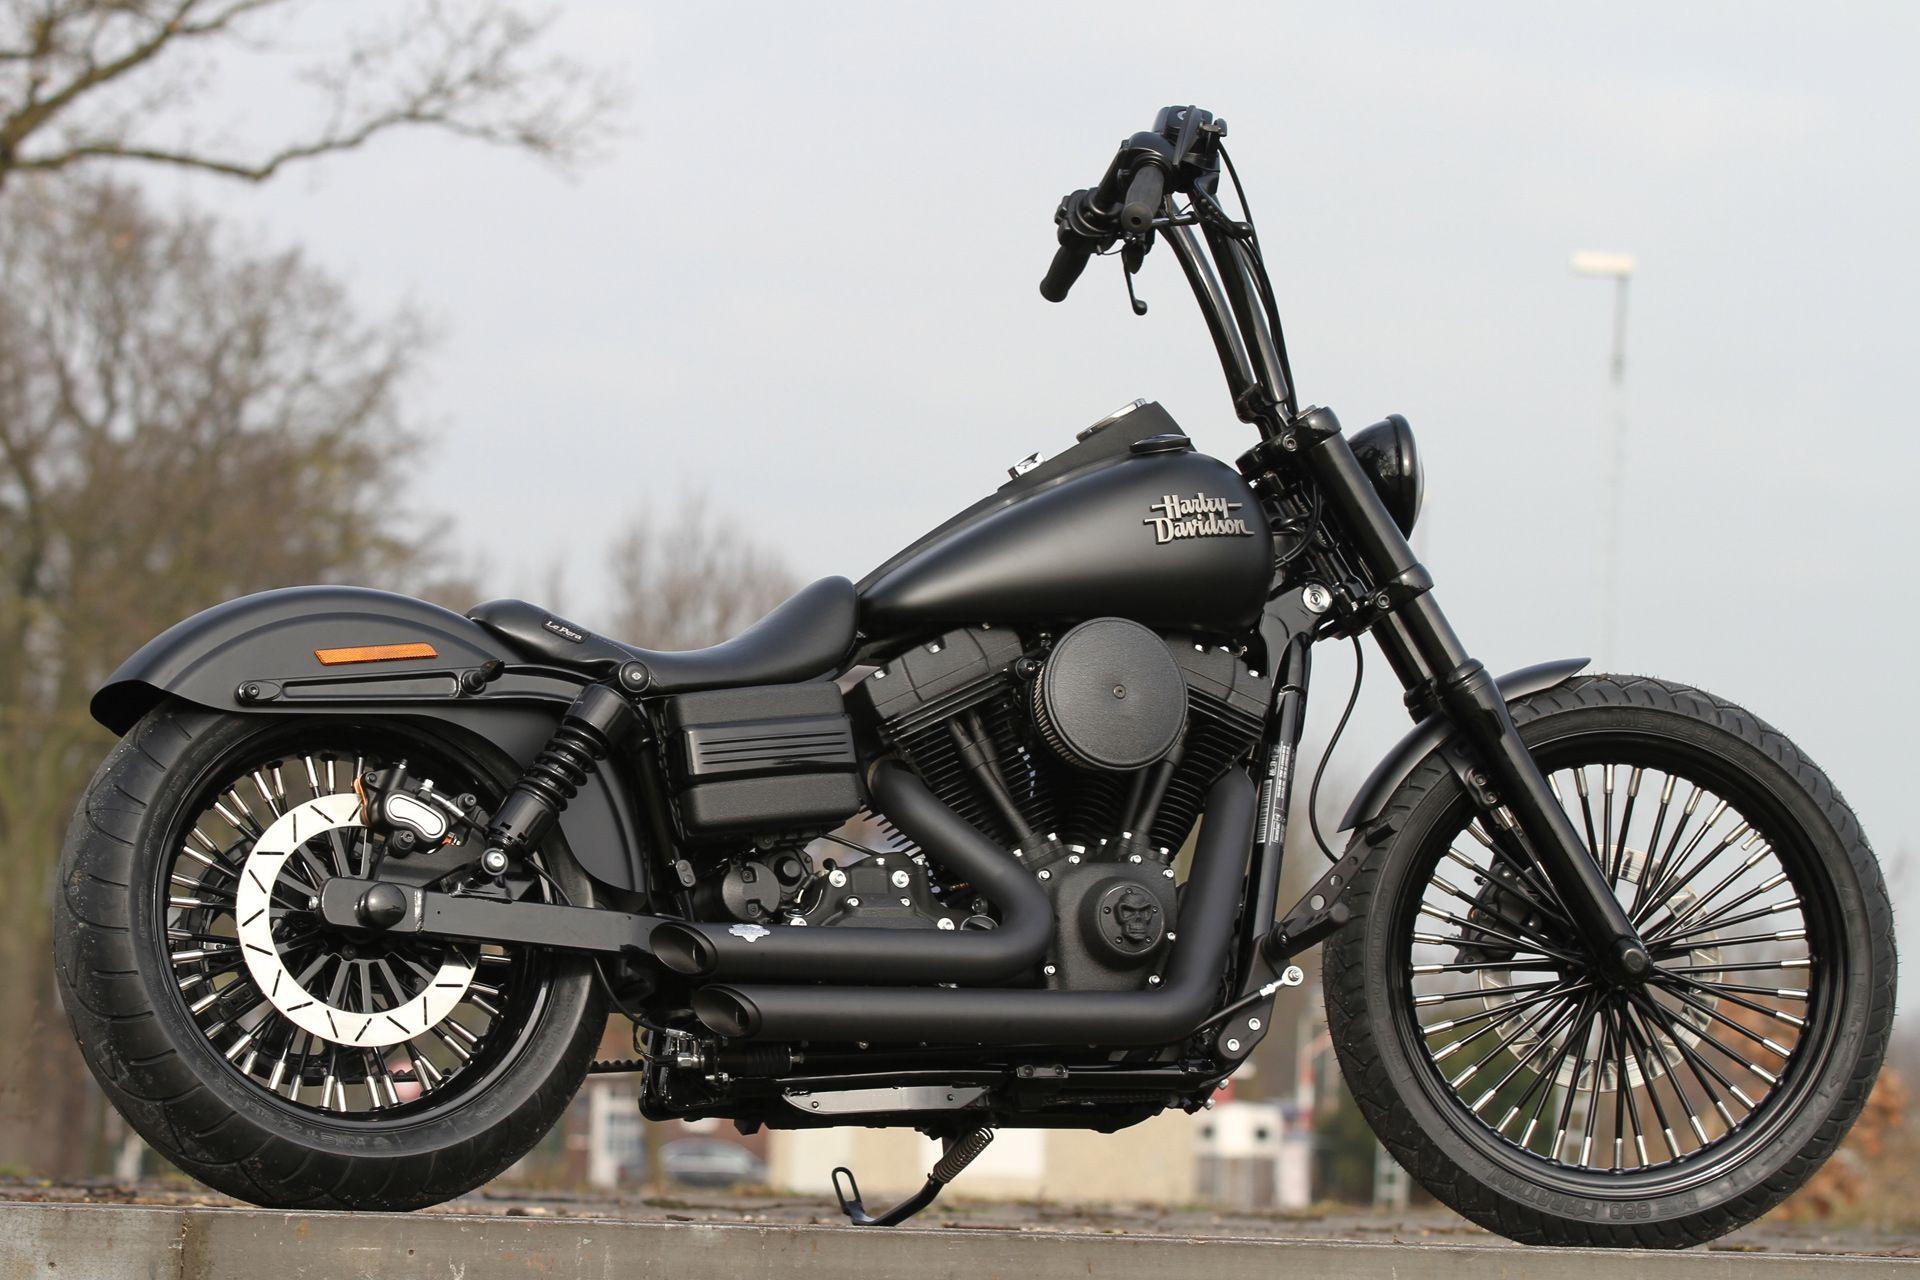 Harley Davidson Custom Black Wheels